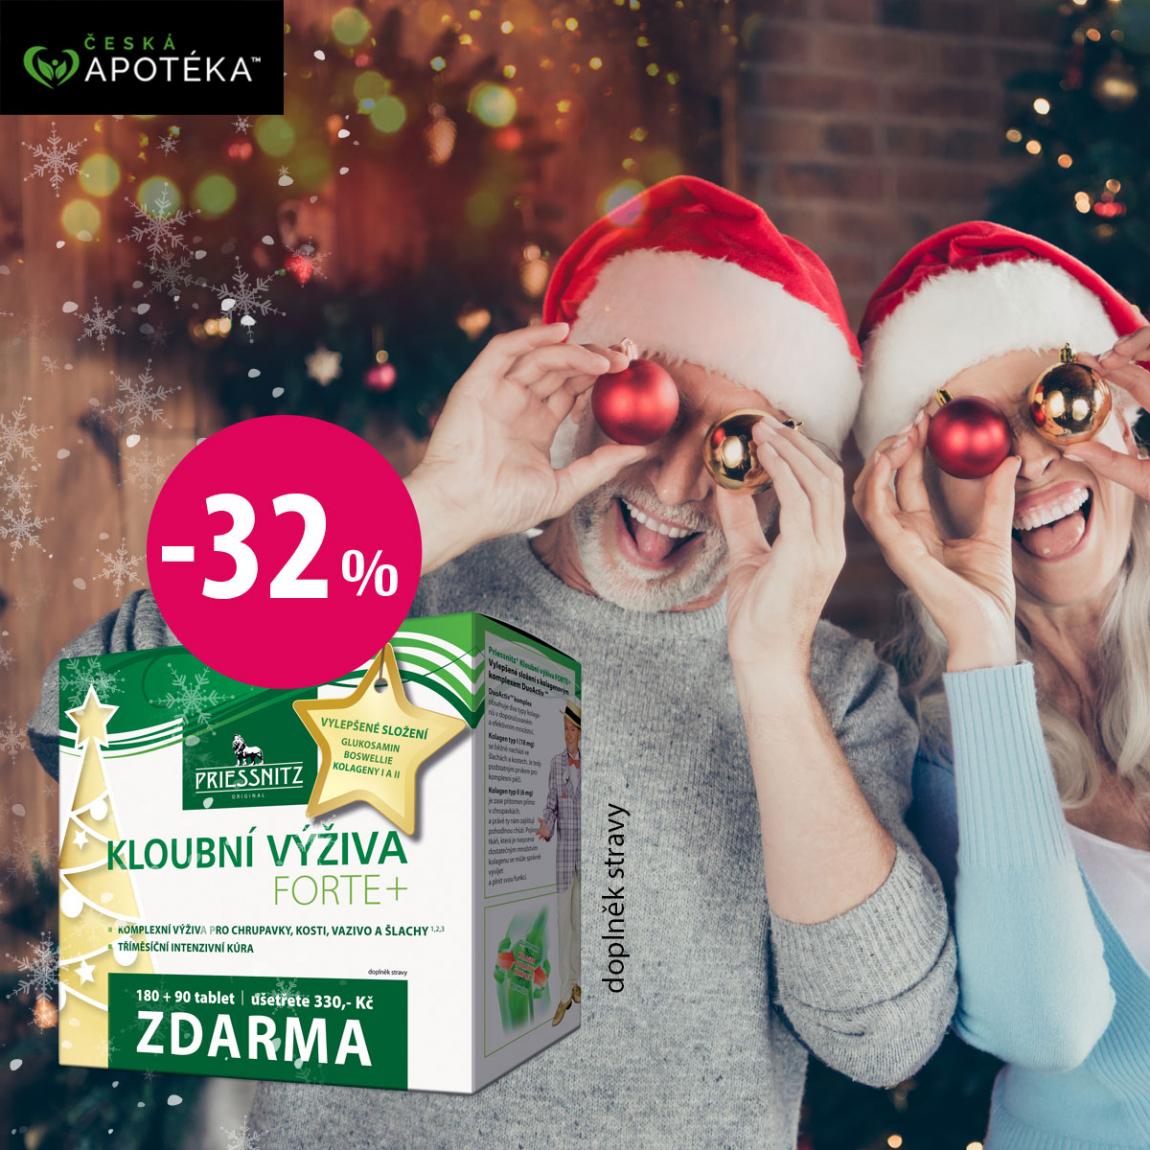 Priessnitz Kloubní výživa ve vánočním balení